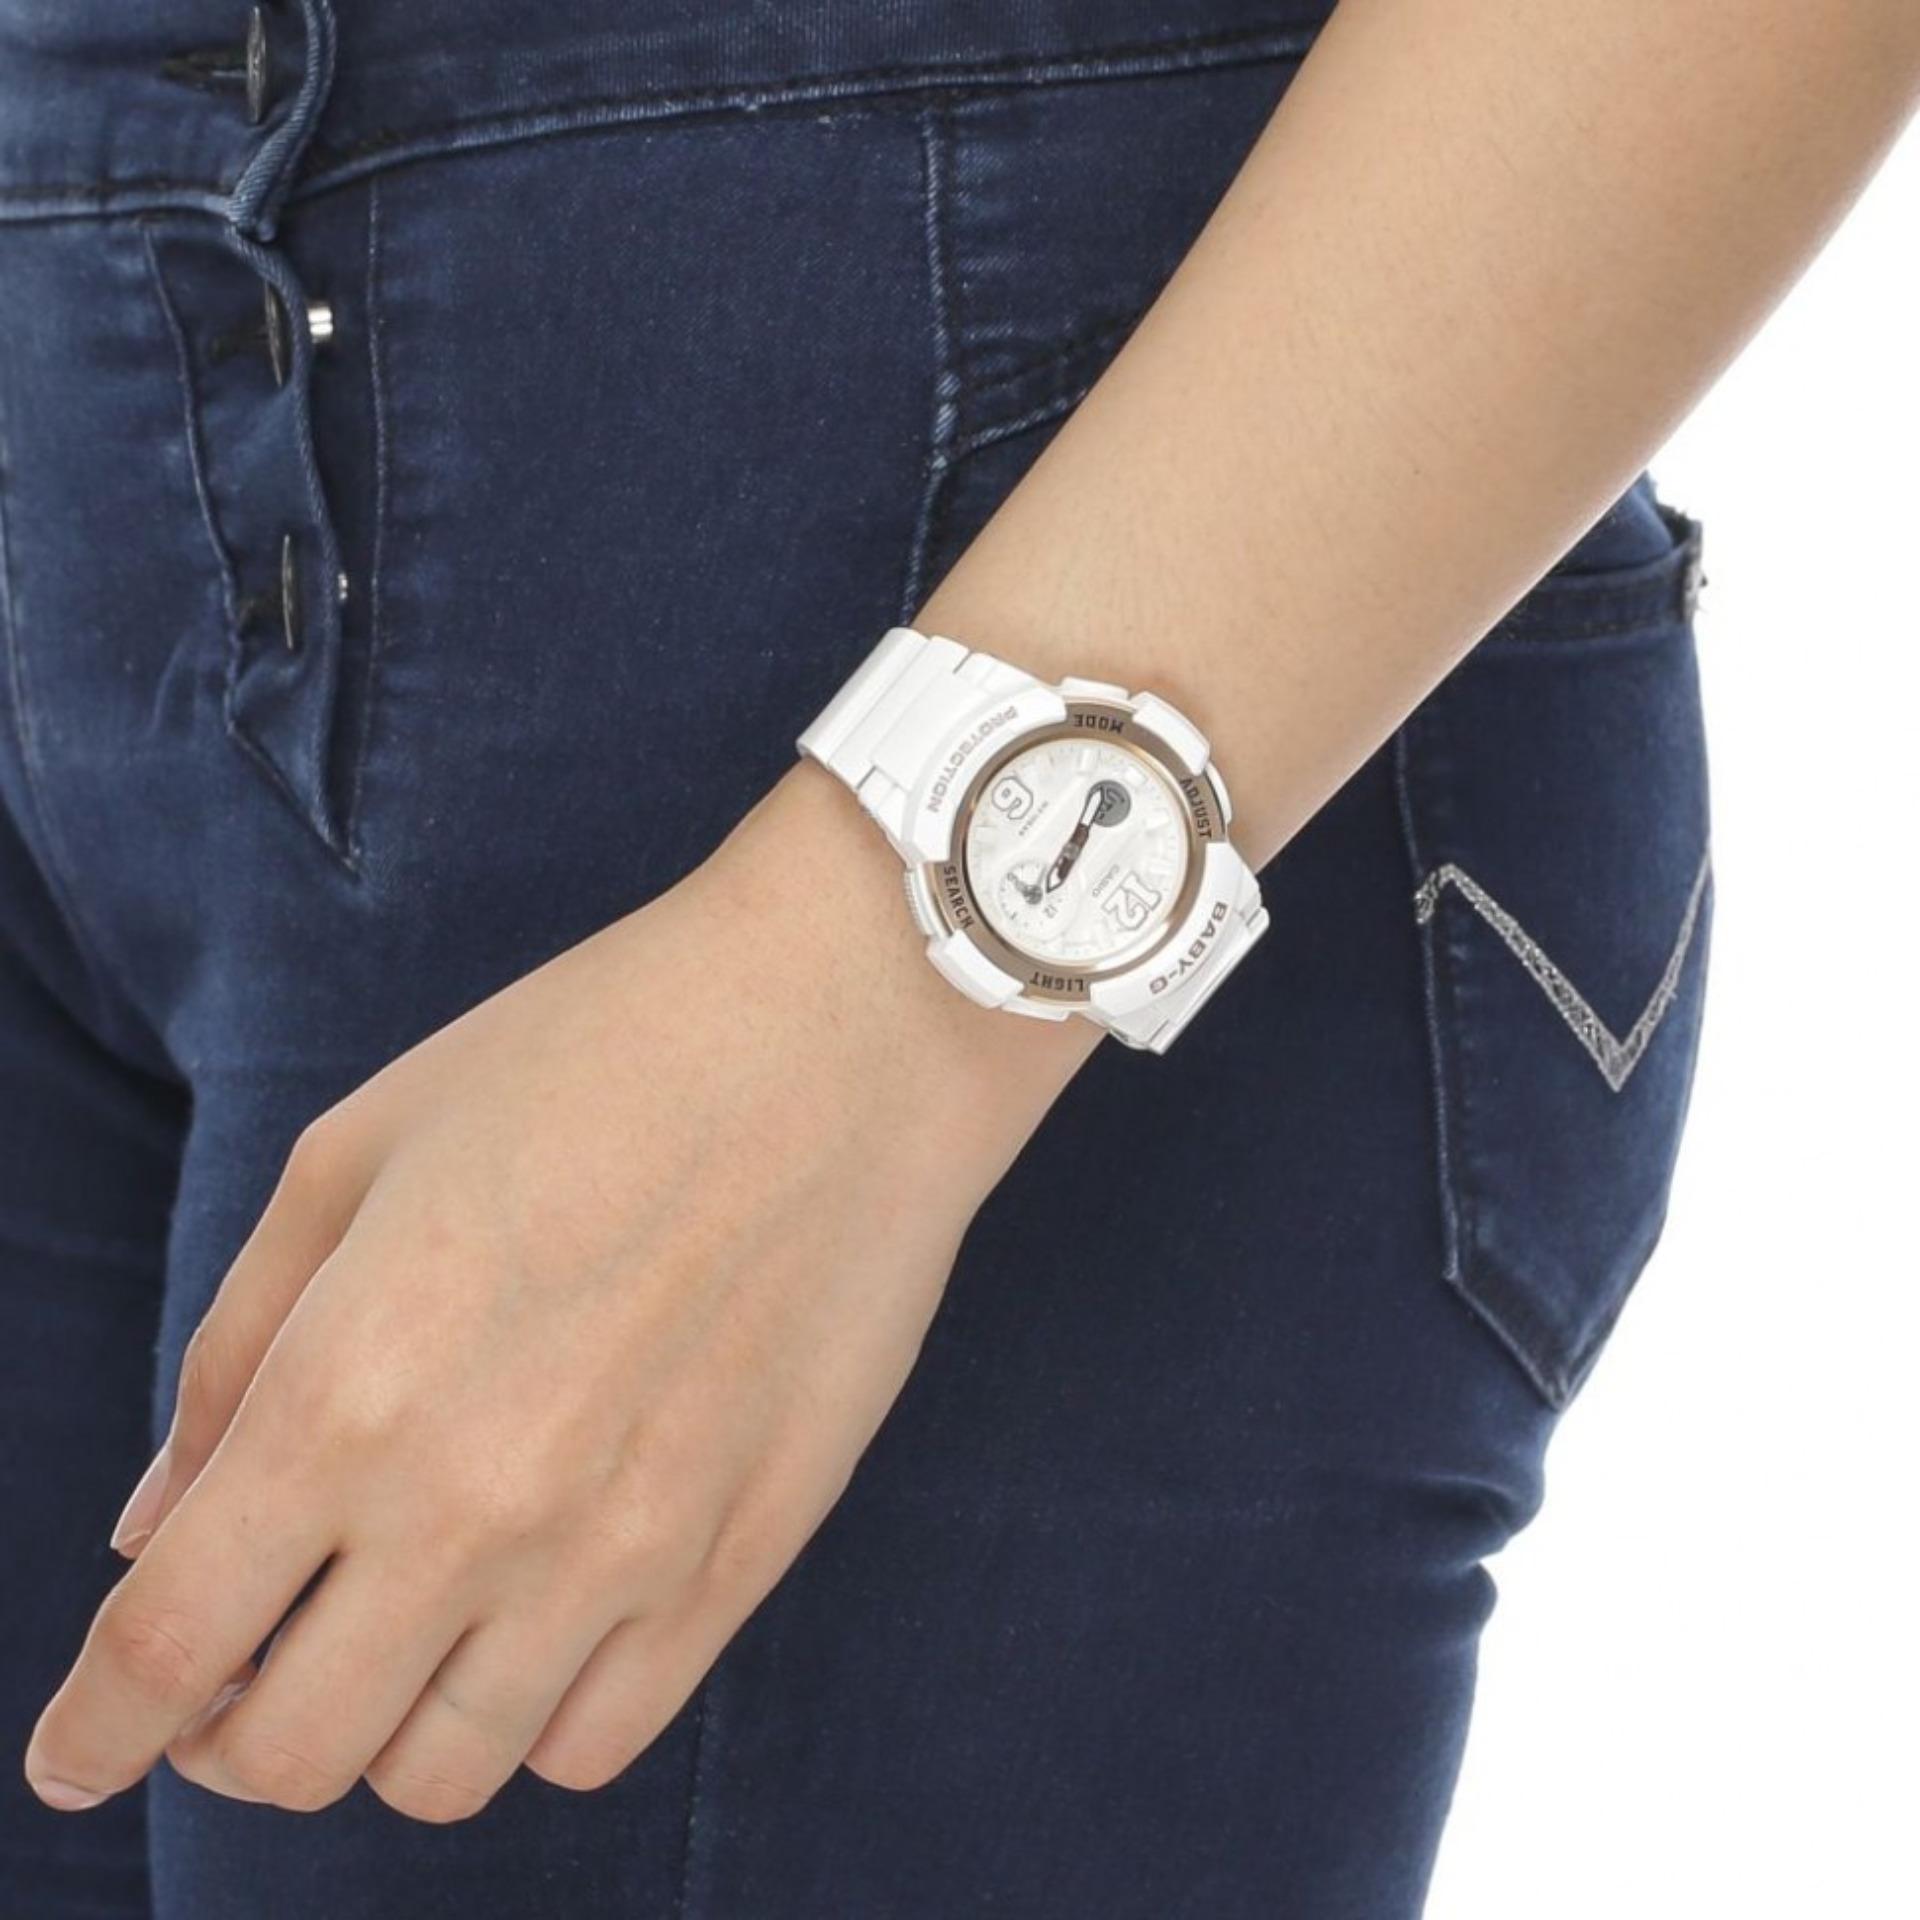 Jam Tangan Fashio Wanita Bga 210 7b3 Spec Dan Daftar Harga Terbaru Casio Baby G Bgs 180 2b3 Biru Muda